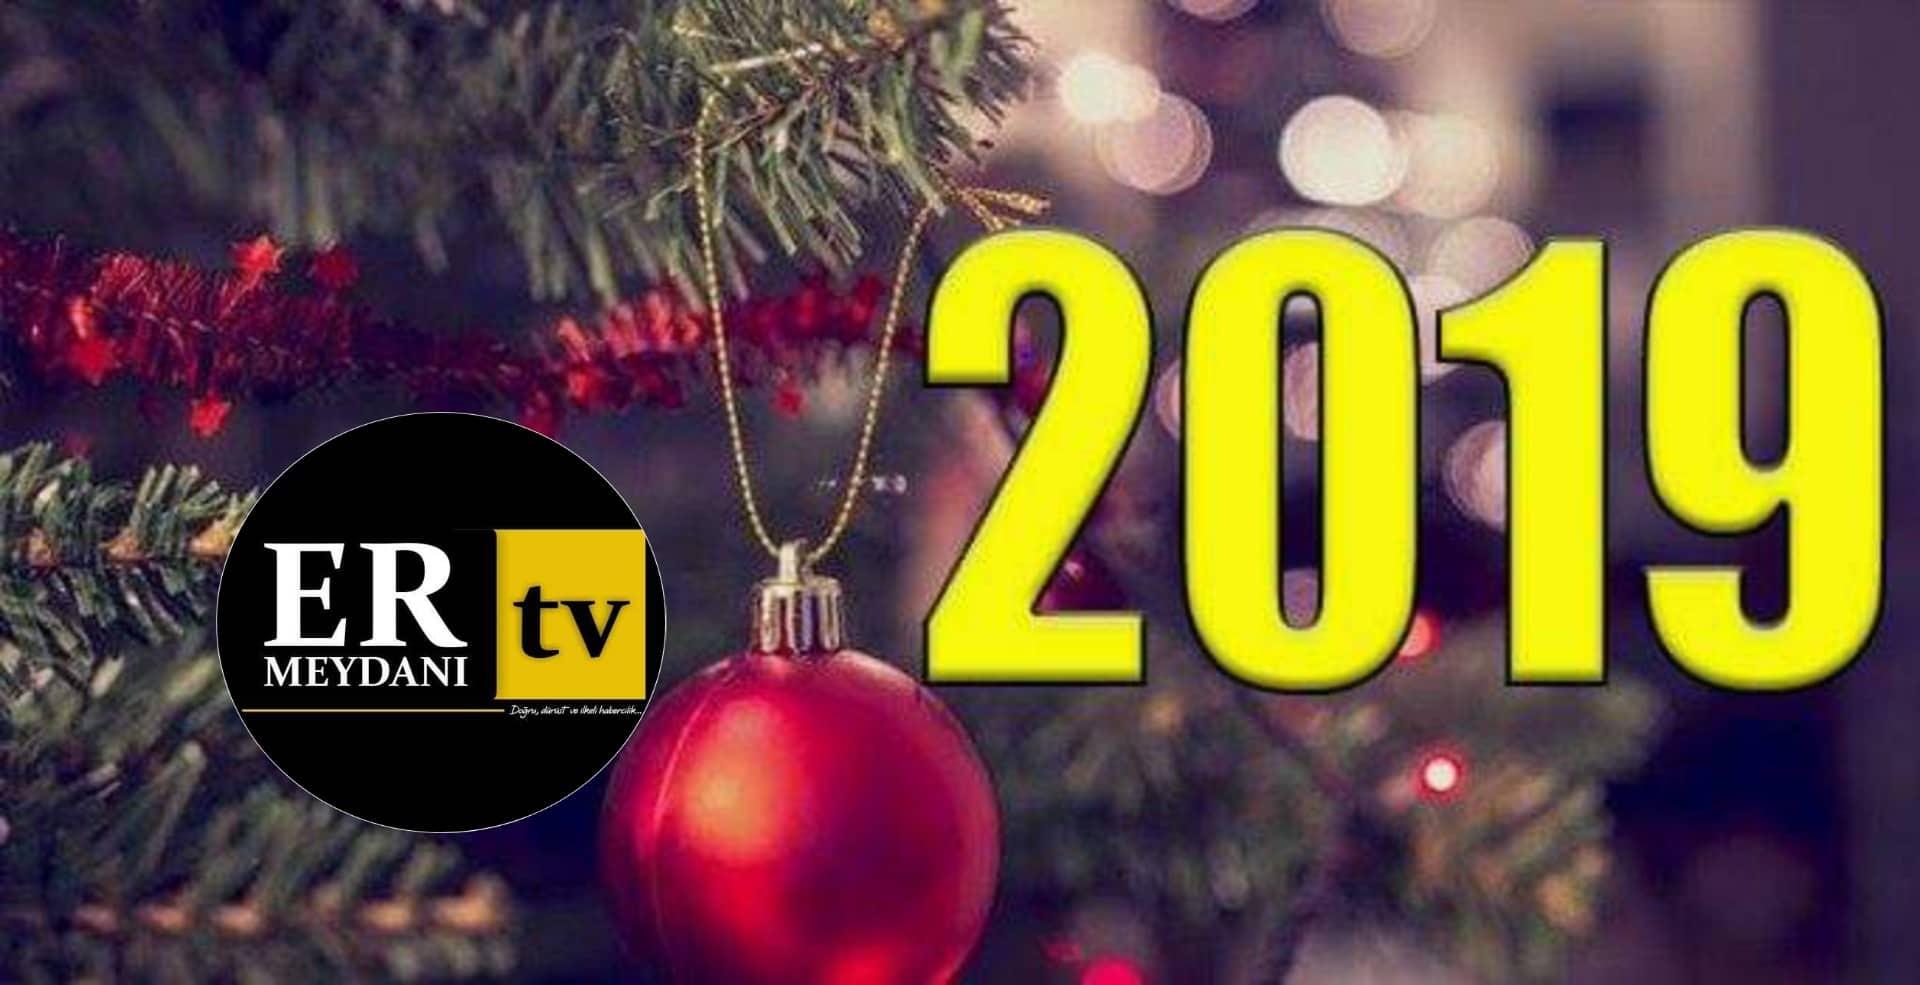 Er Meydanı TV mutlu seneler diler